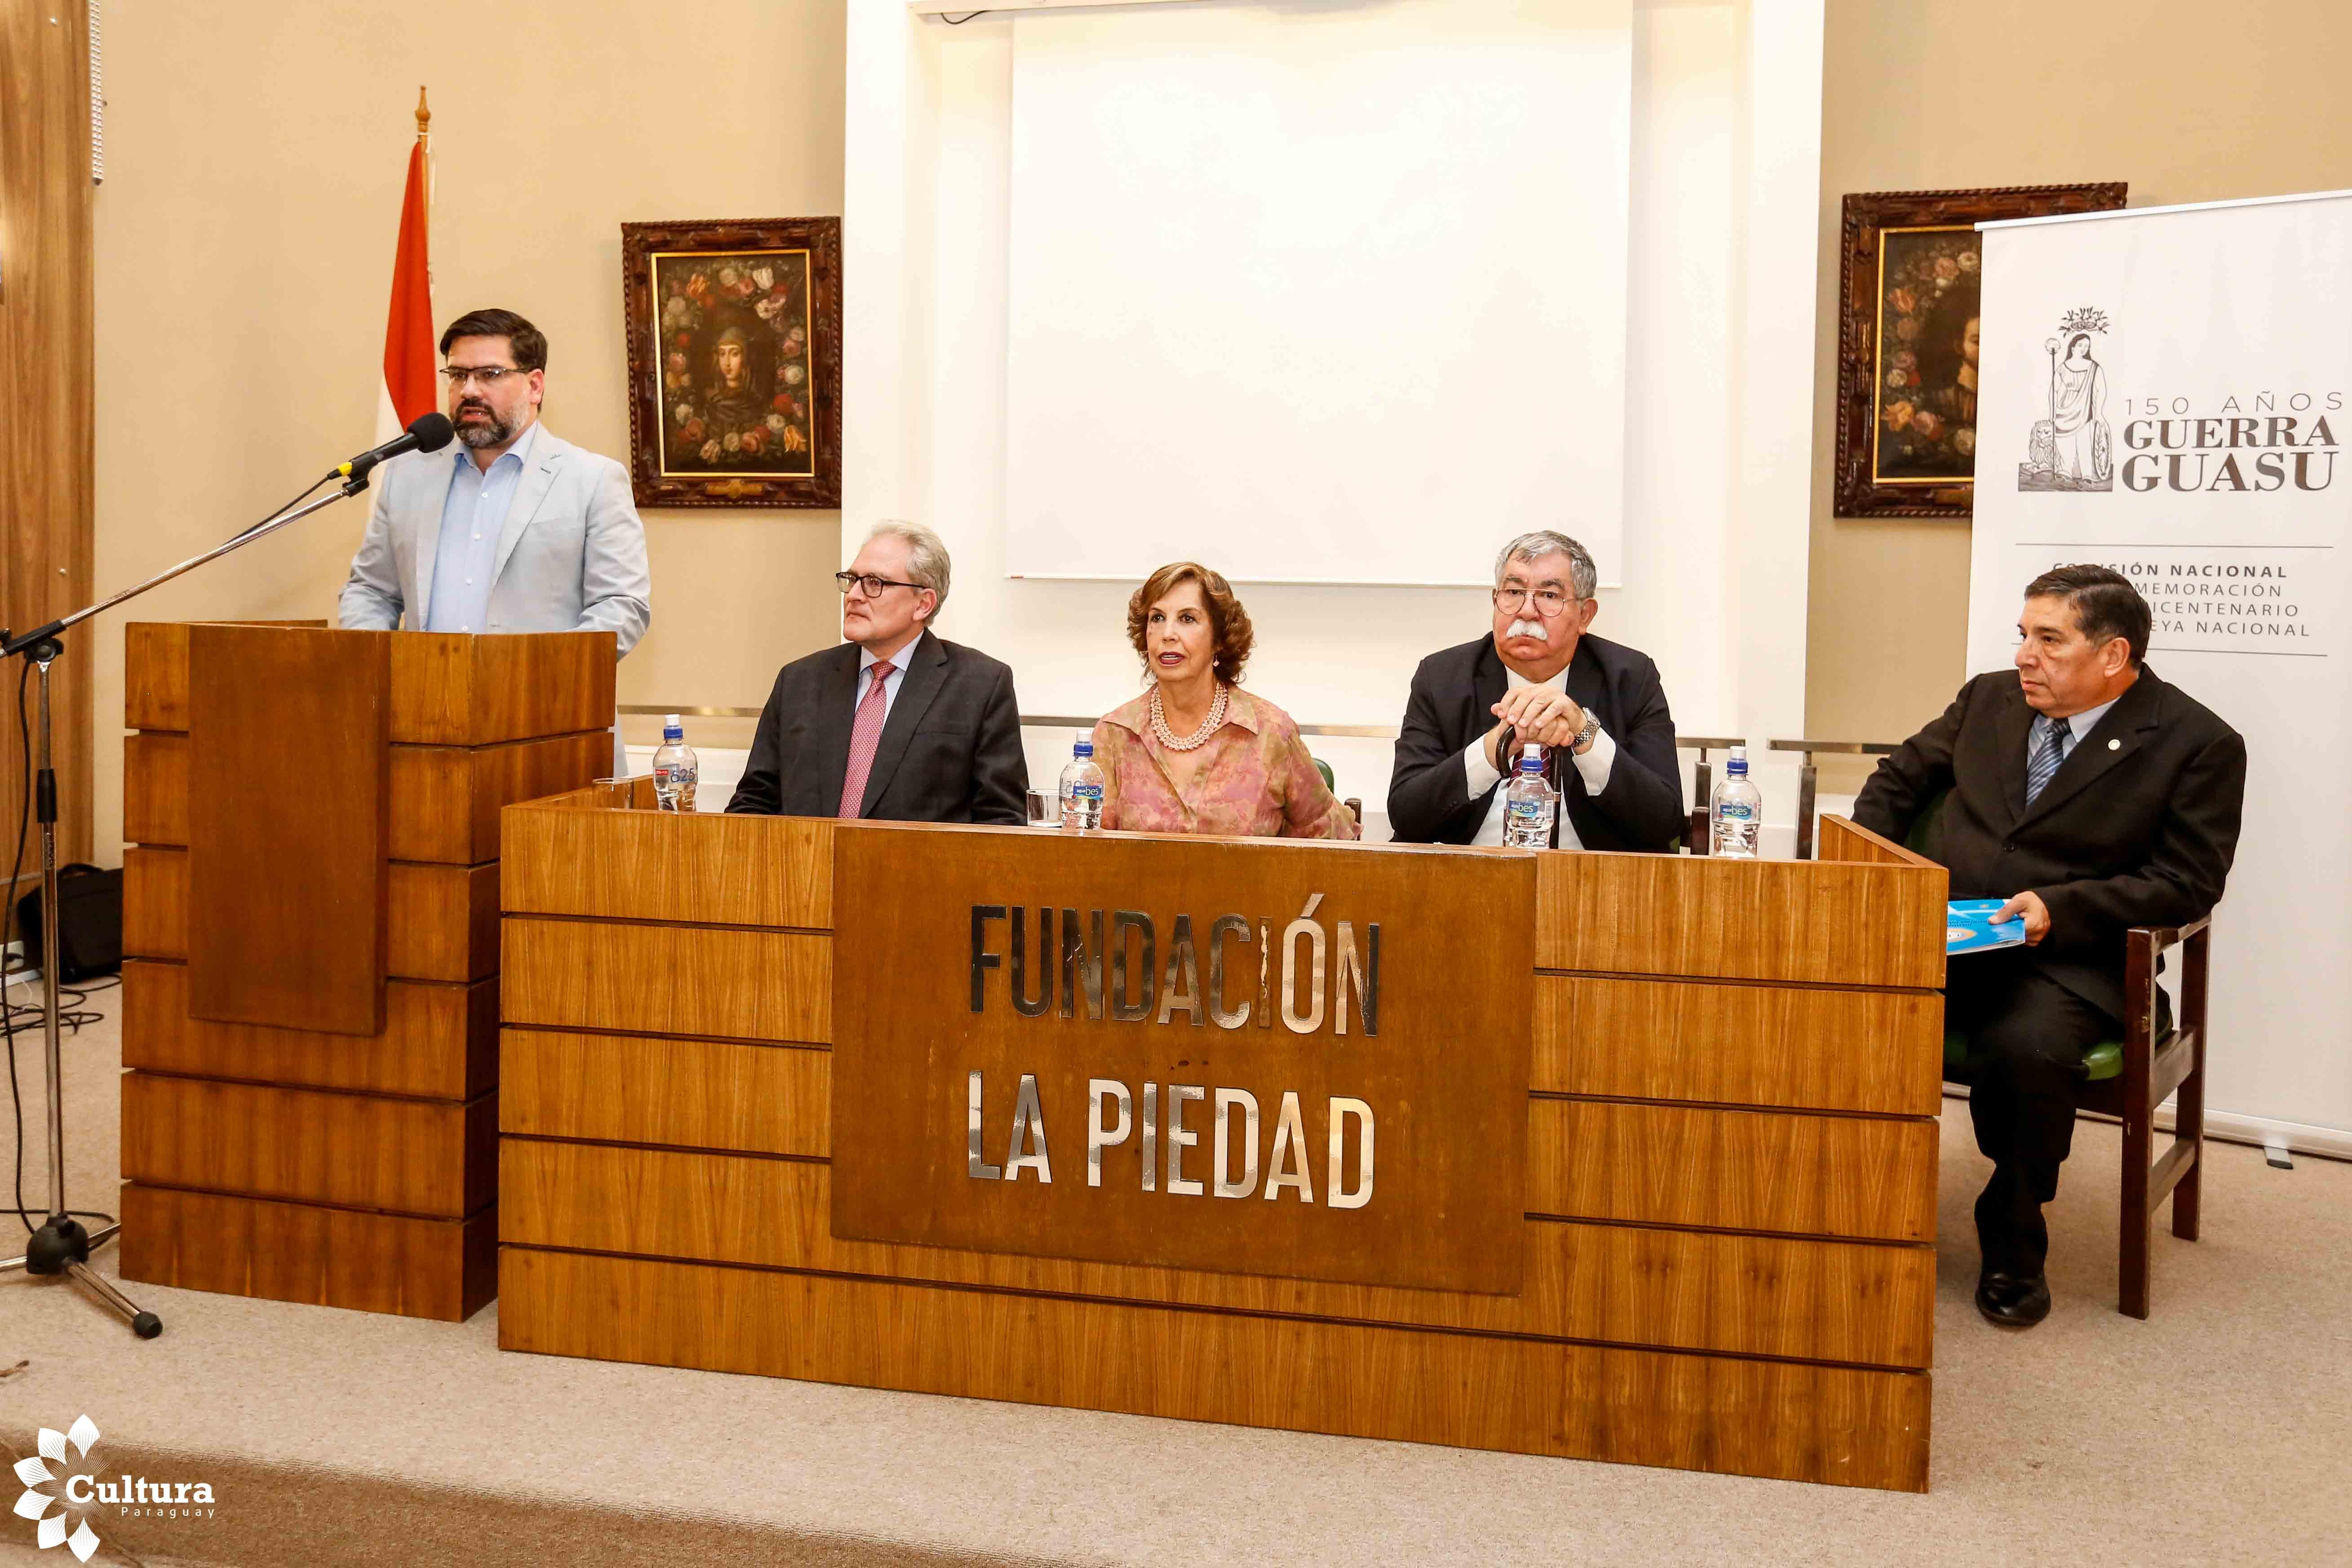 Con gran éxito se realizó el primer día de Conversatorio sobre los 150 años de Cerro Corá